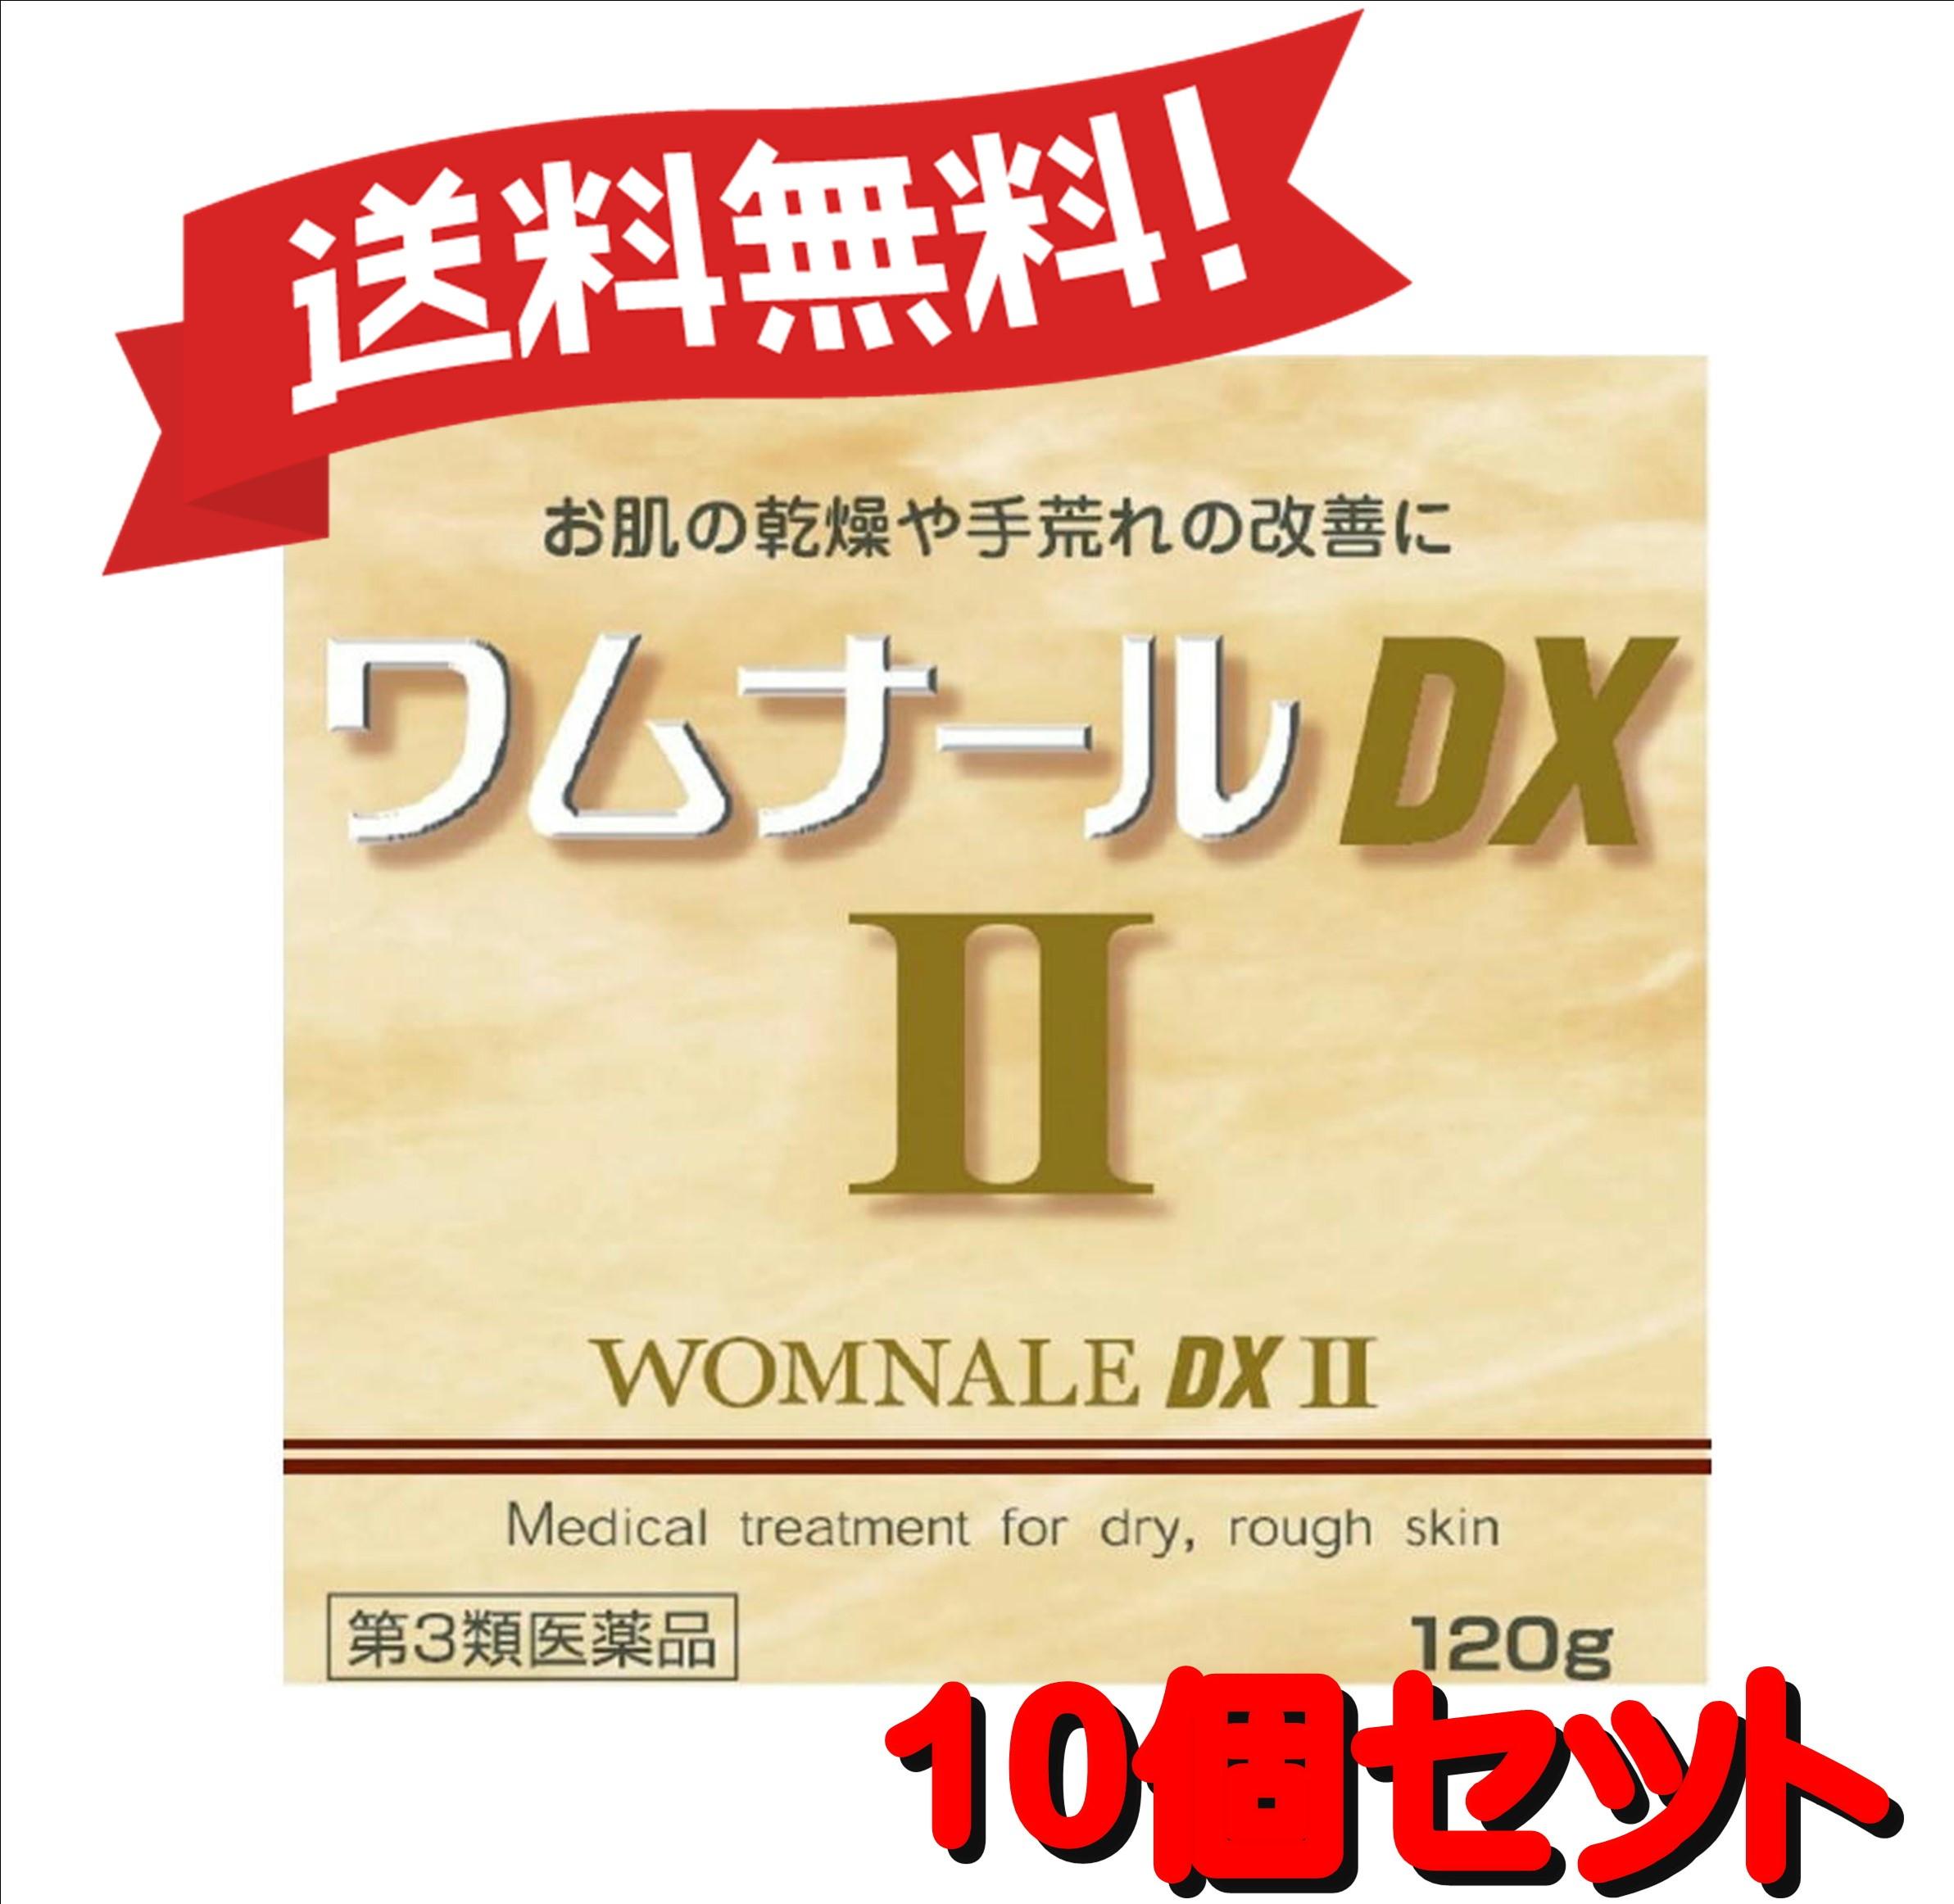 手指のあれ 乾燥肌に 送料無料 10個セット 人気 ワムナールDXII 第3類医薬品 全商品オープニング価格 120g 4987103043942-10